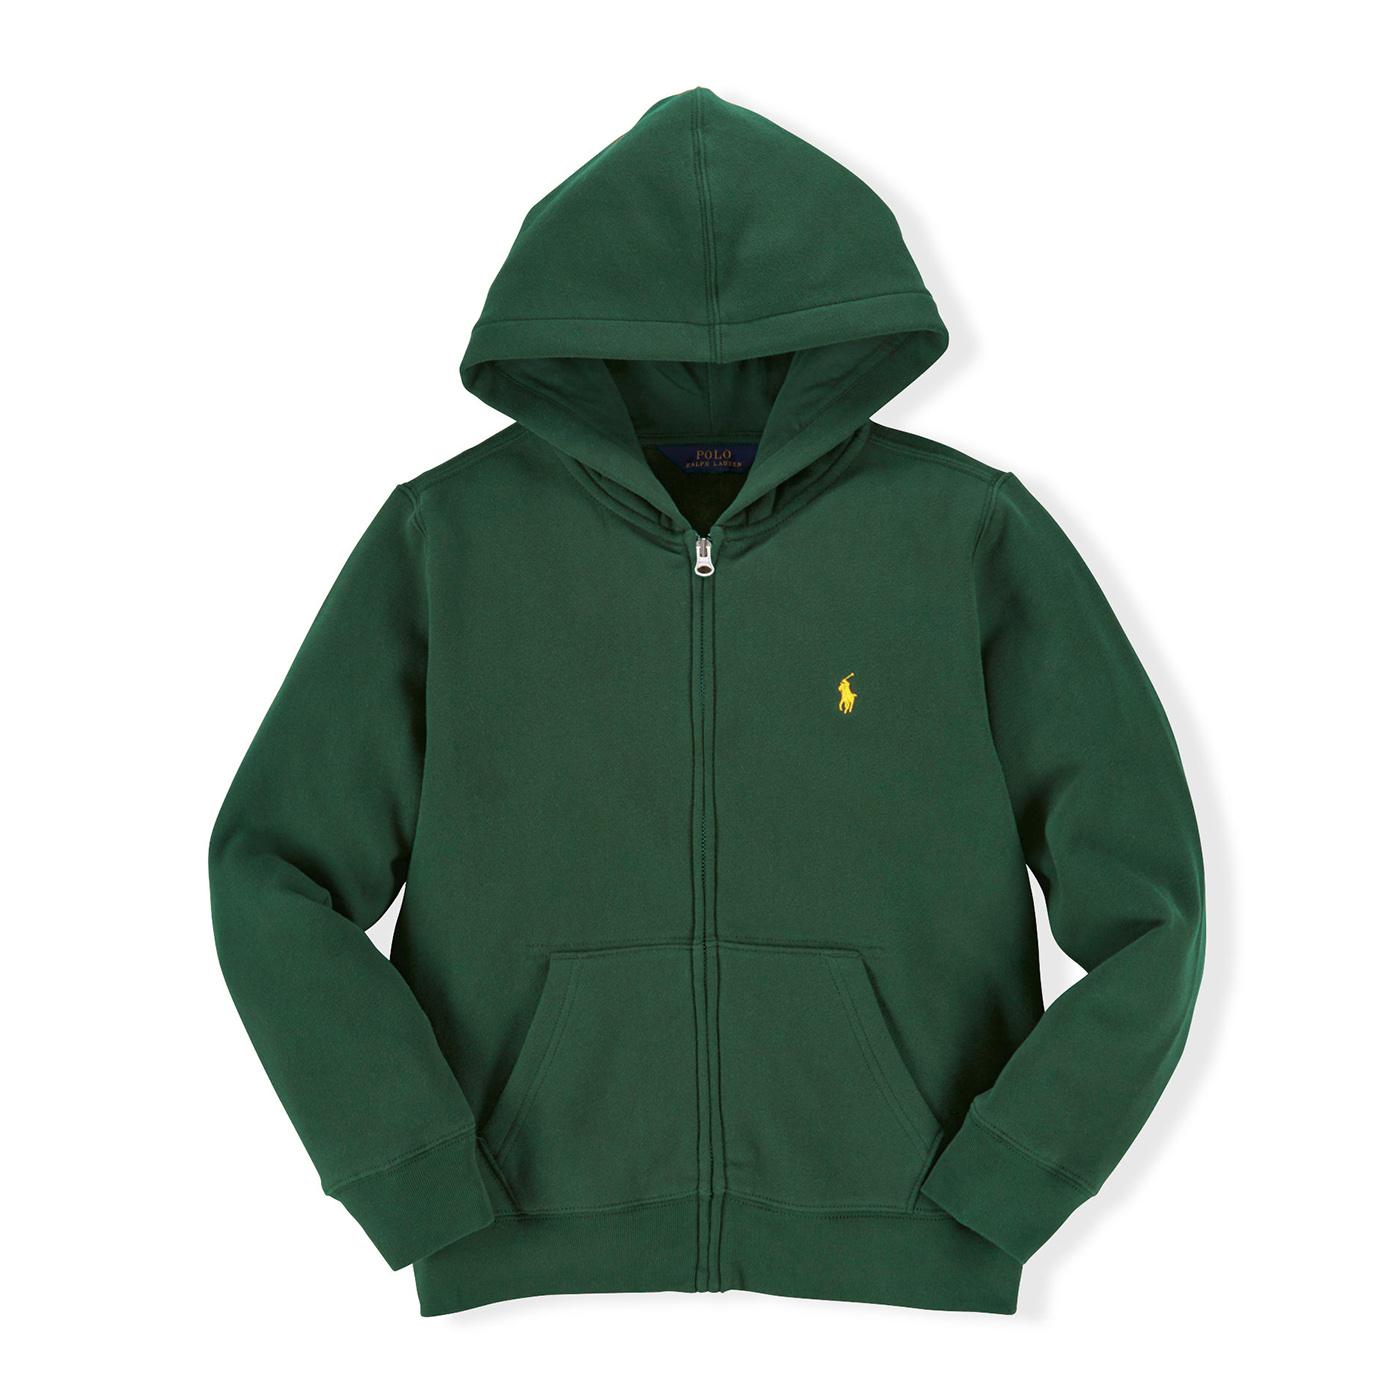 美國百分百【全新真品】Ralph Lauren RL 連帽 薄外套 棉質 帽T 夾克 深綠色 POLO S號 B038